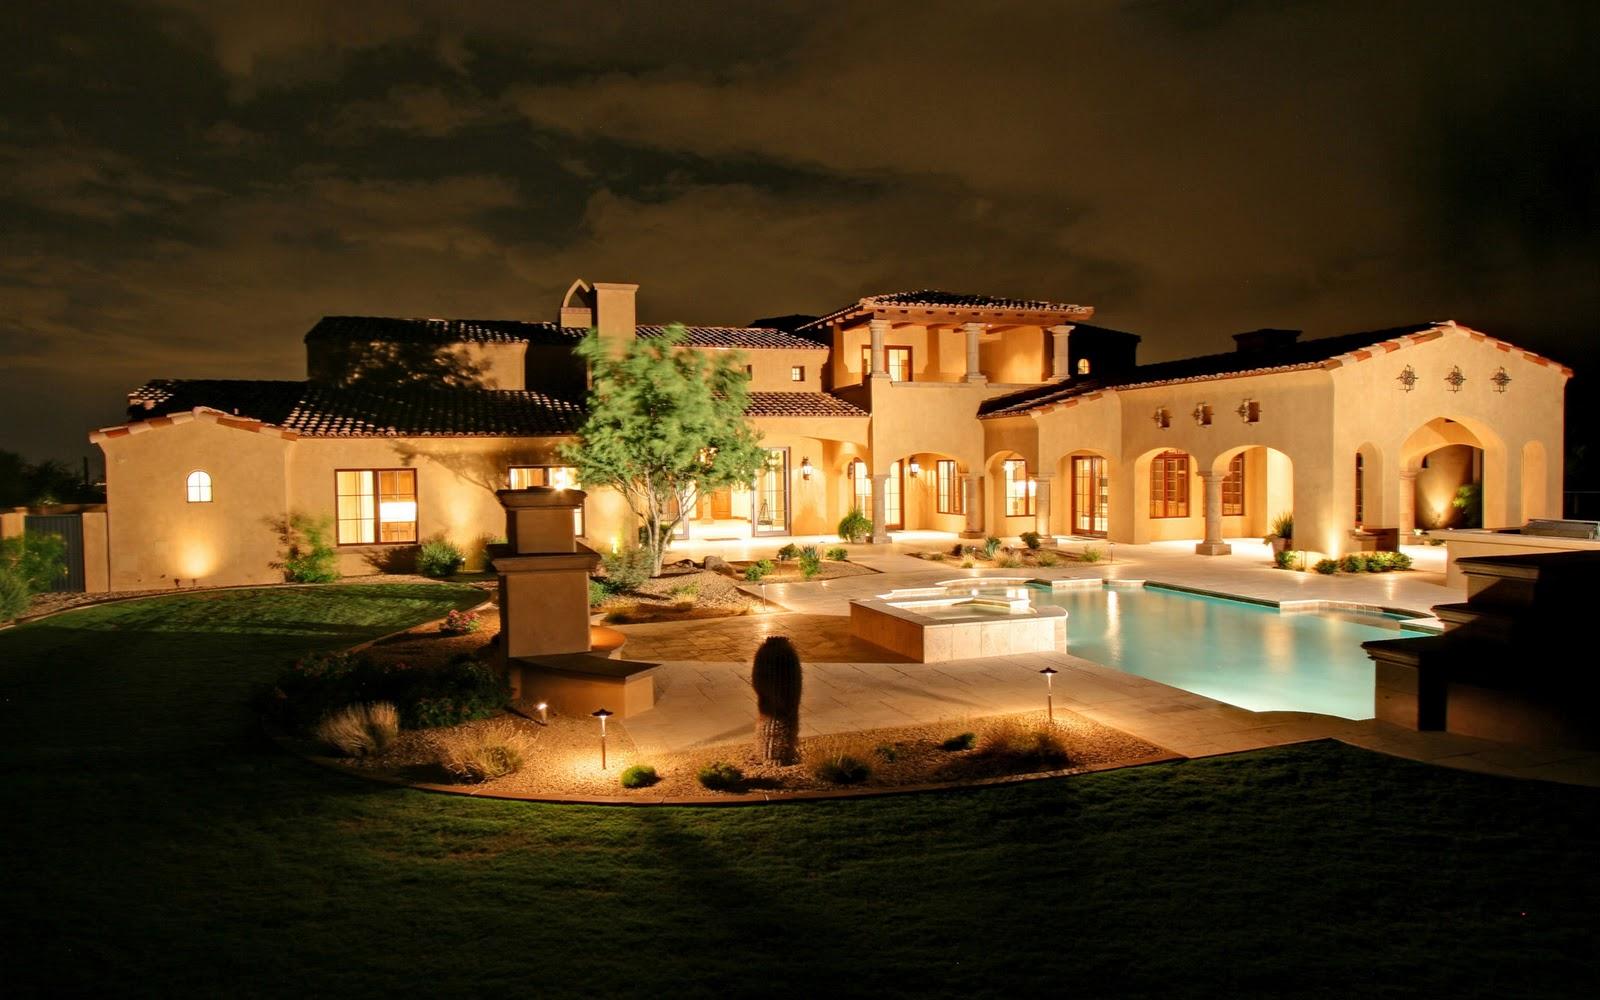 Fotos de casas im genes casas y fachadas ver fotos de for Mansiones lujosas modernas